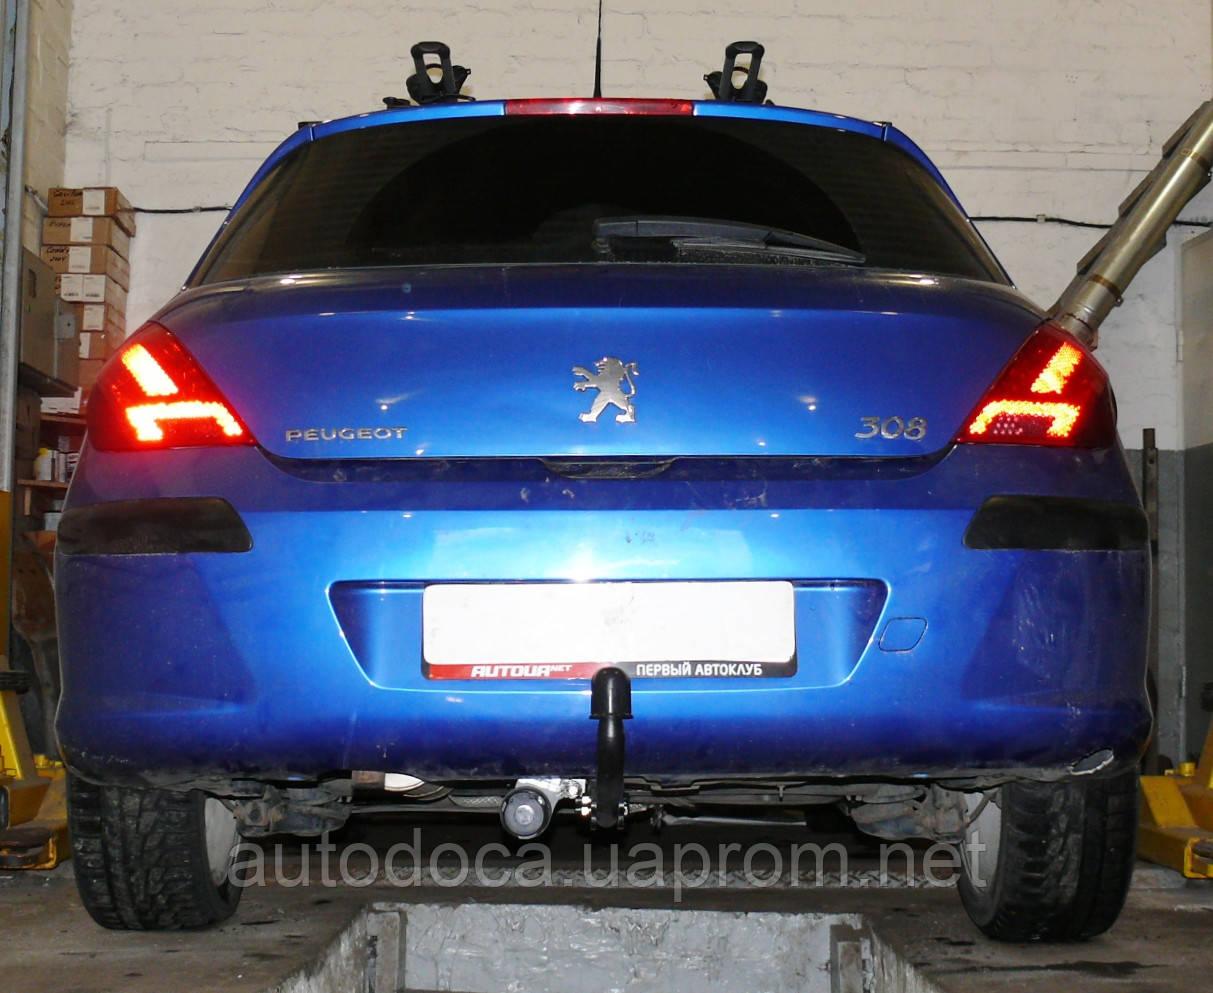 Фаркоп Peugeot 308 з установкою! Київ